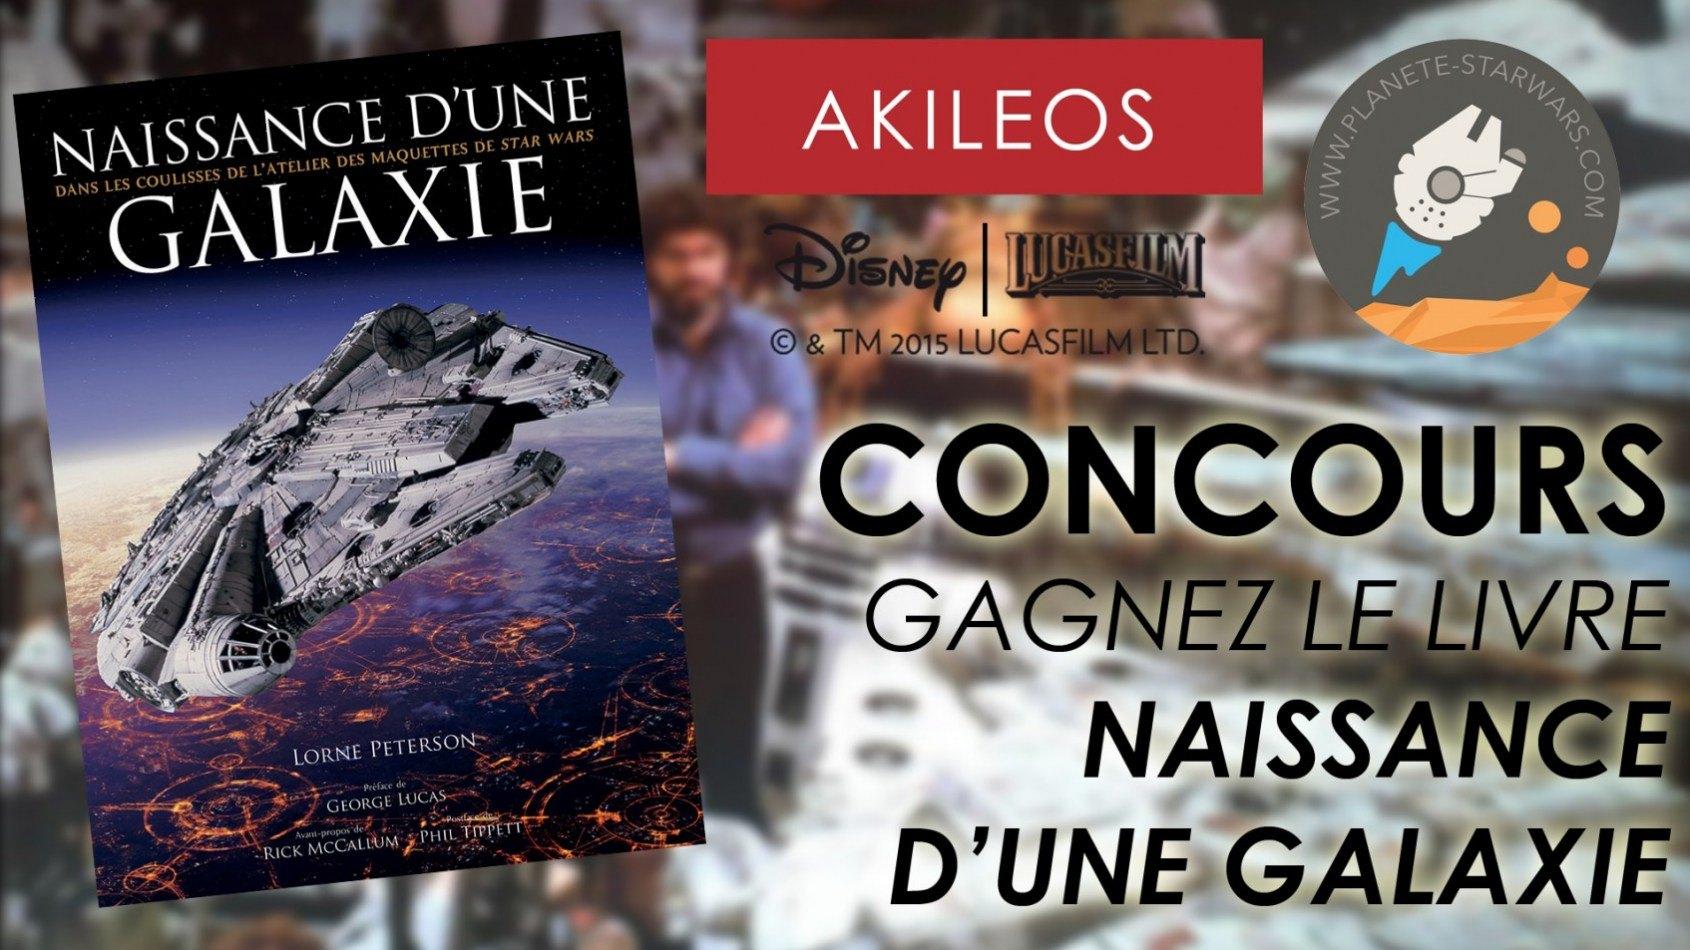 [Concours] Gagnez Naissance d'une Galaxie, avec Akileos et Planète StarWars